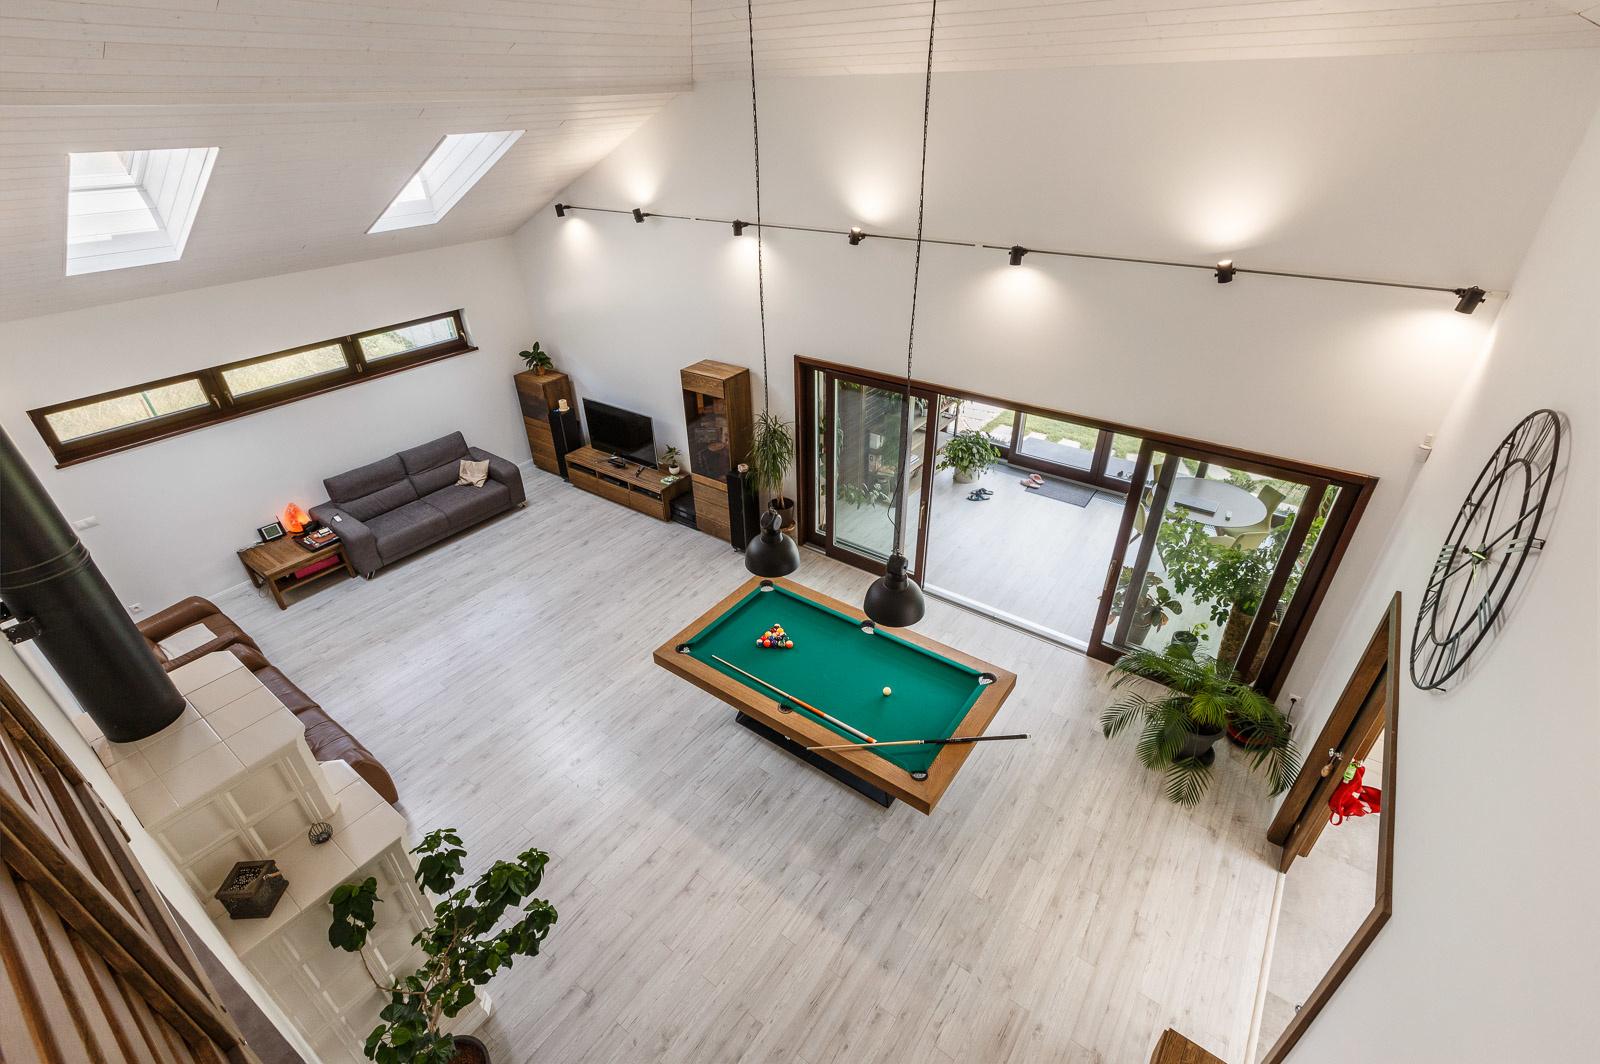 Spoločenský priestor otvorený až po krov si žiadal presvetliť aj cez strechu. Spolu so zimnou záhradou tak pár strešných okien pomáha privádzať do priestoru dostatok denného svetla. Vzhľadom na výšku ich umiestnenia sú vybavené systémom VELUX INTEGRA®, ktoré umožňuje diaľkové otváranie okien i markíz.